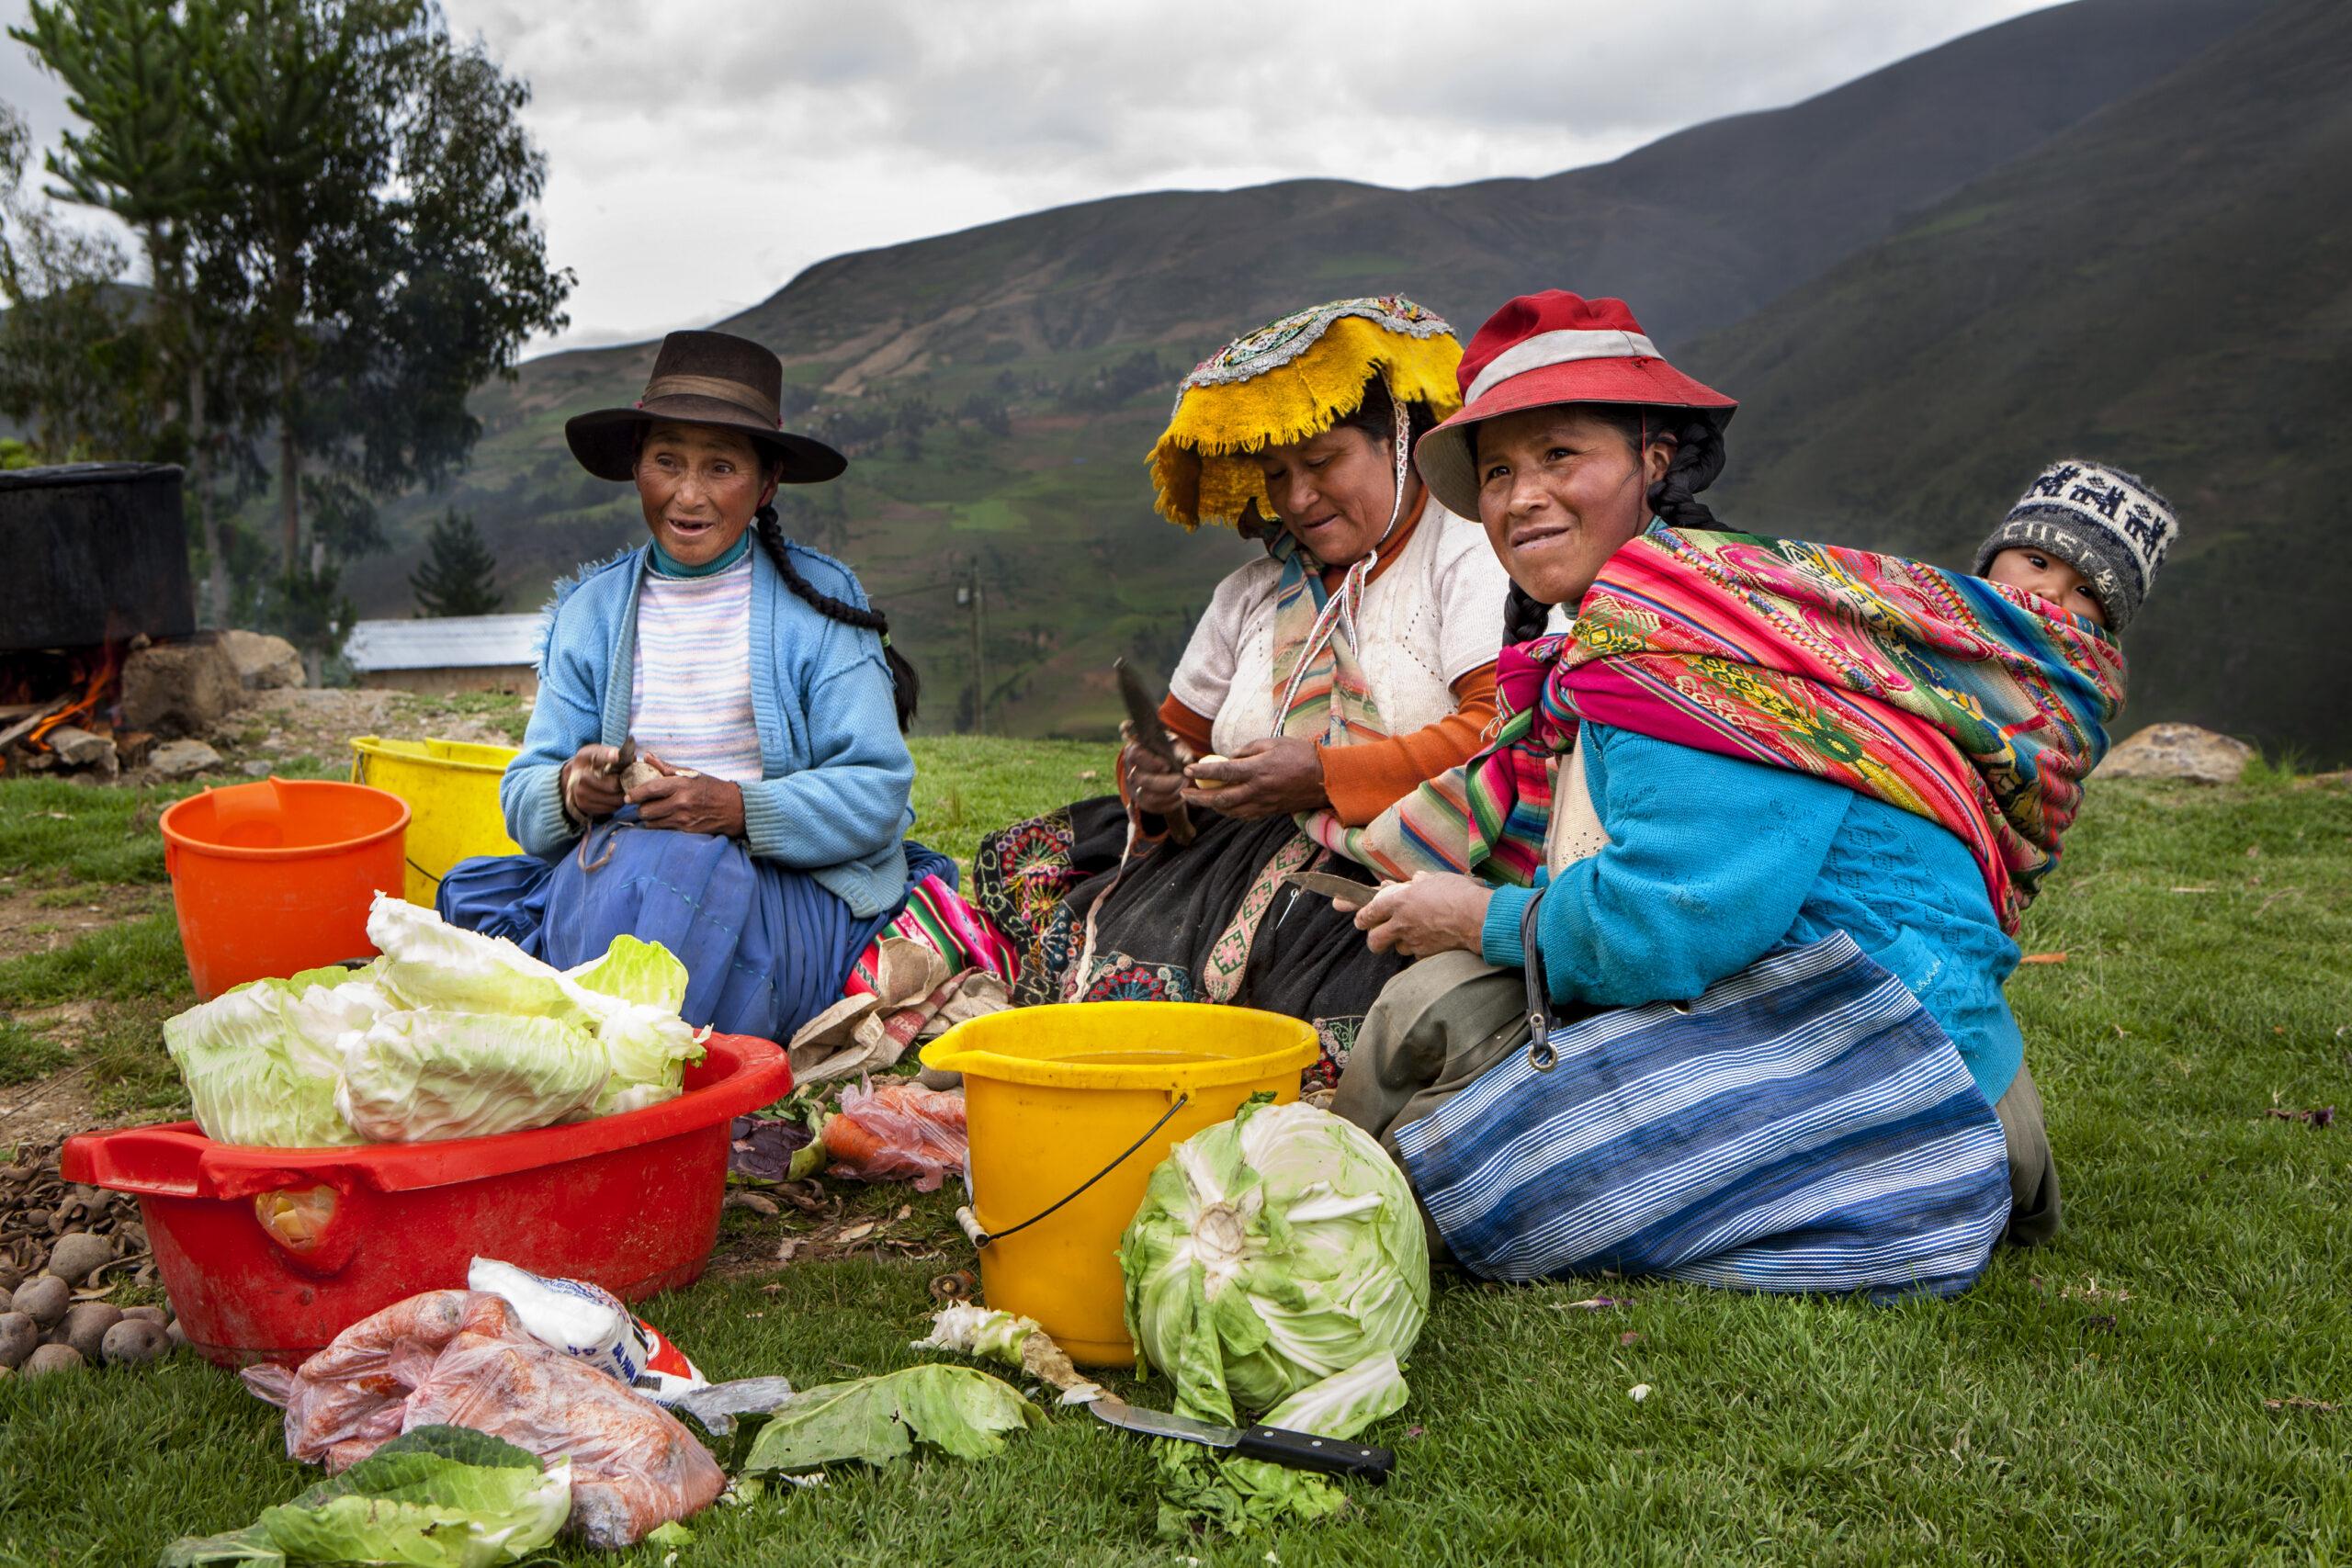 GNO0455_Anbau von Obst und Gemüse_Plan International_Vania Milanovitch_Bild stammt aus einem ähnlichen Plan-Projekt in Peru